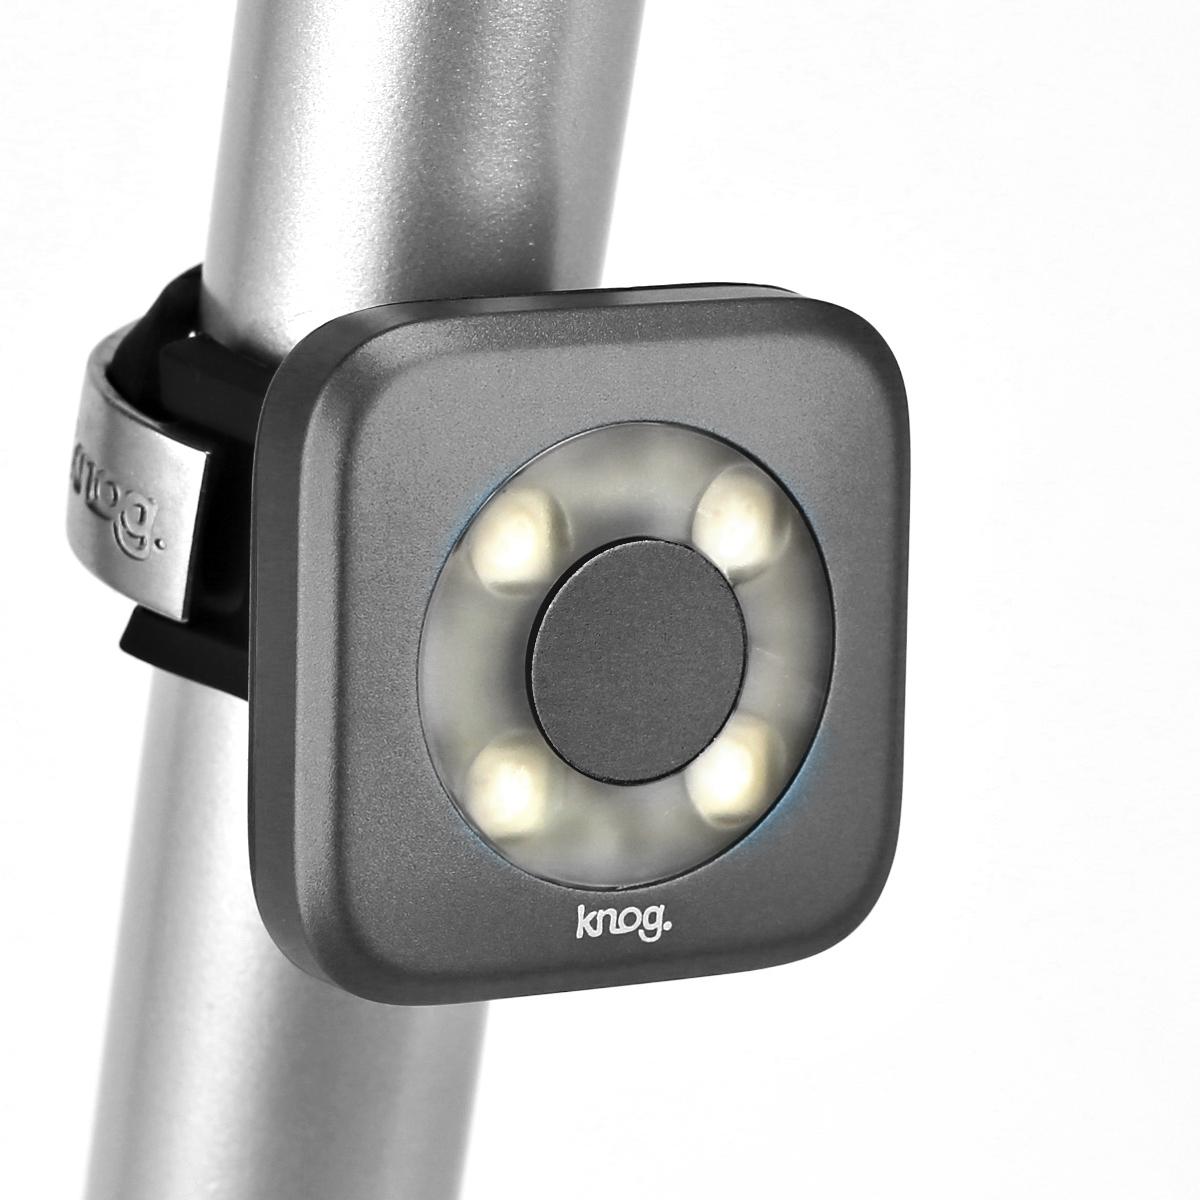 Éclairage arrière Knog Blinder Cercle 4 LED - Noir